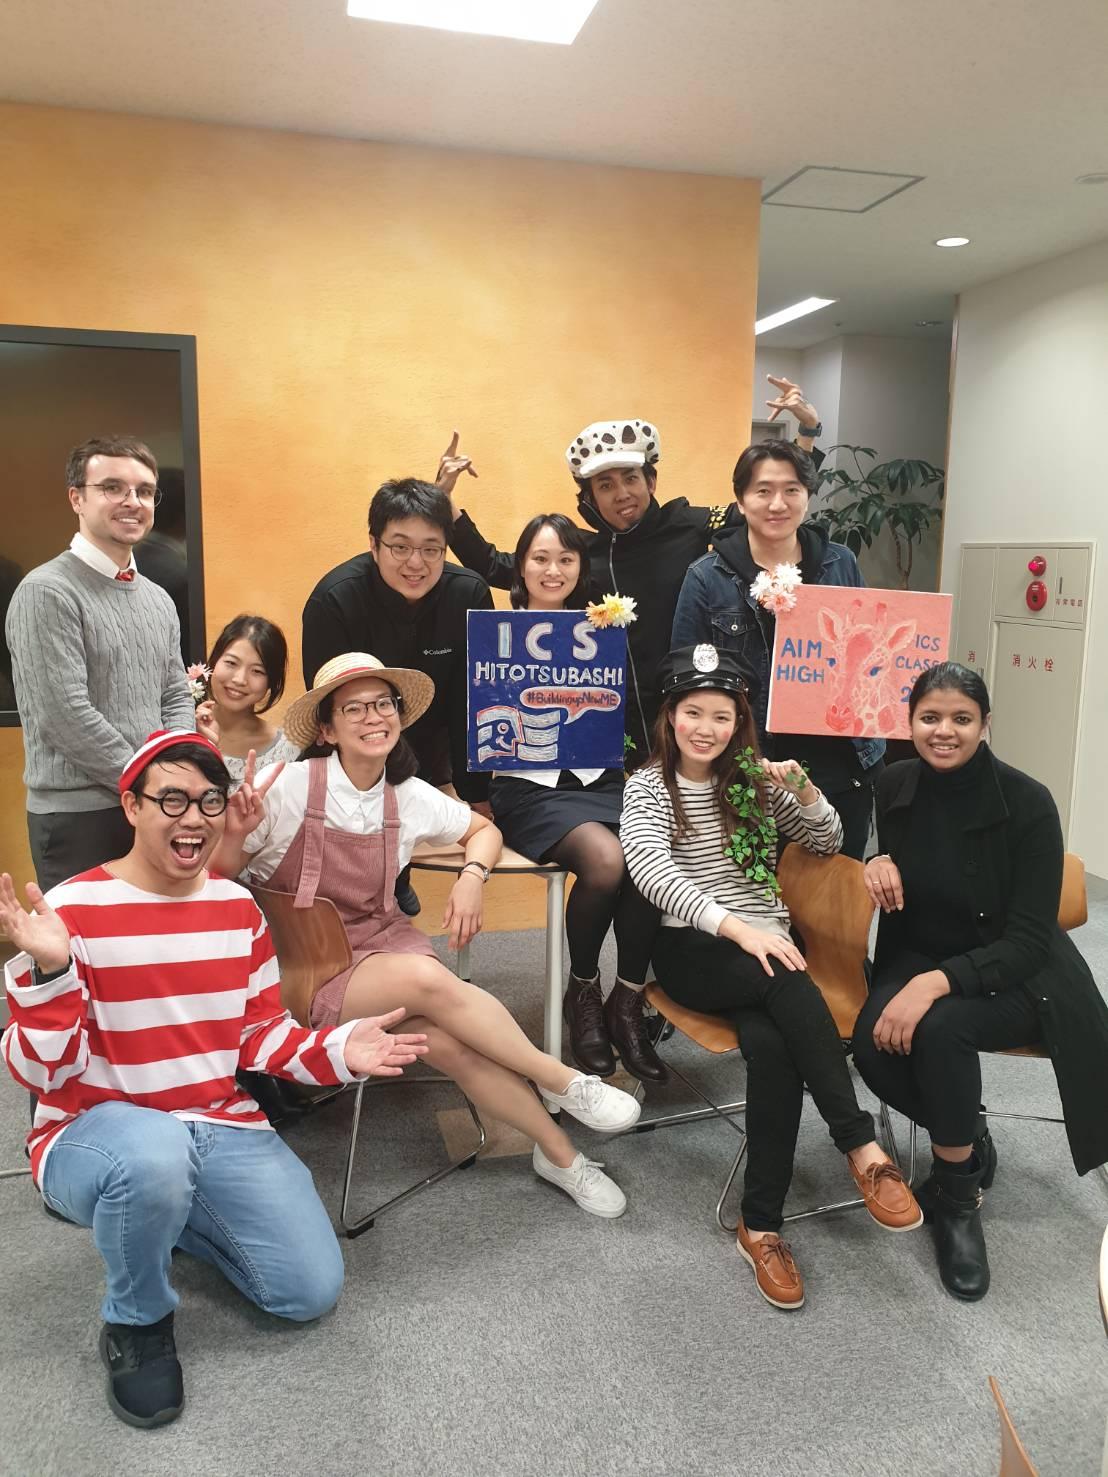 Hitotsubashi ICS student voice Haruna